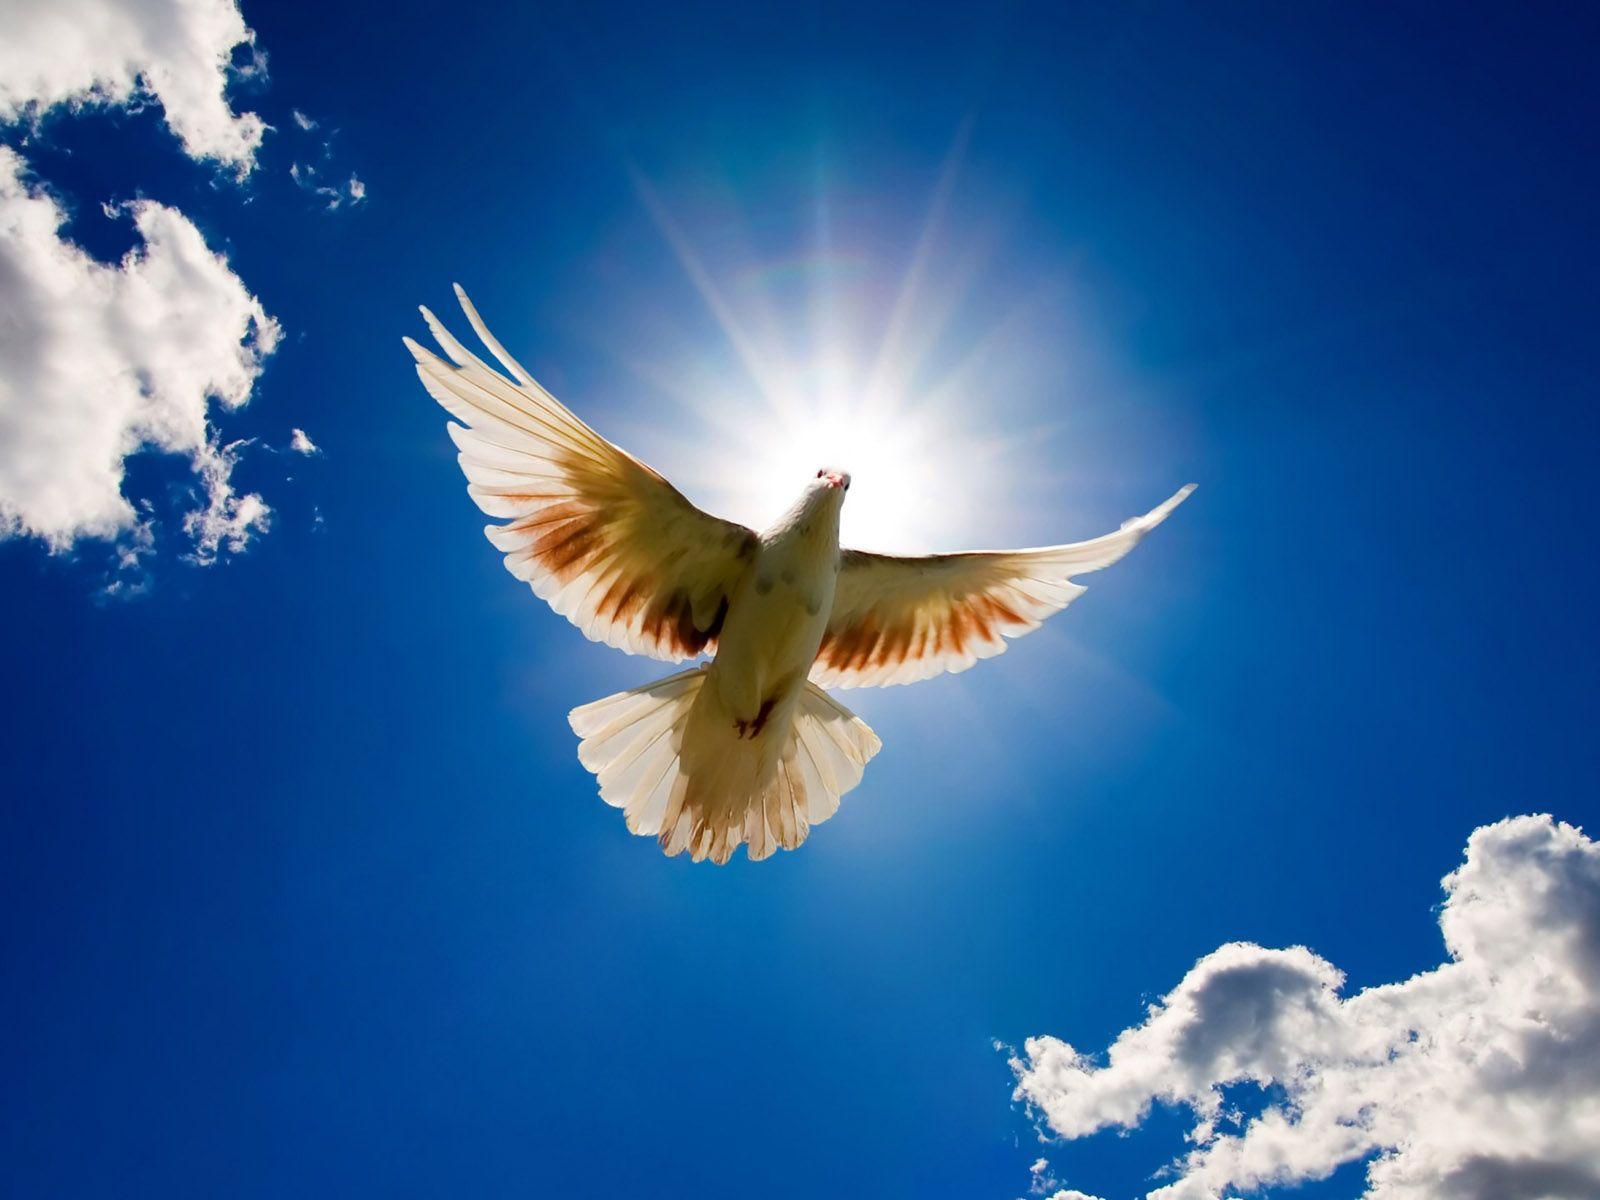 flying dove bird wallpaper Christianity Pinterest Dove bird